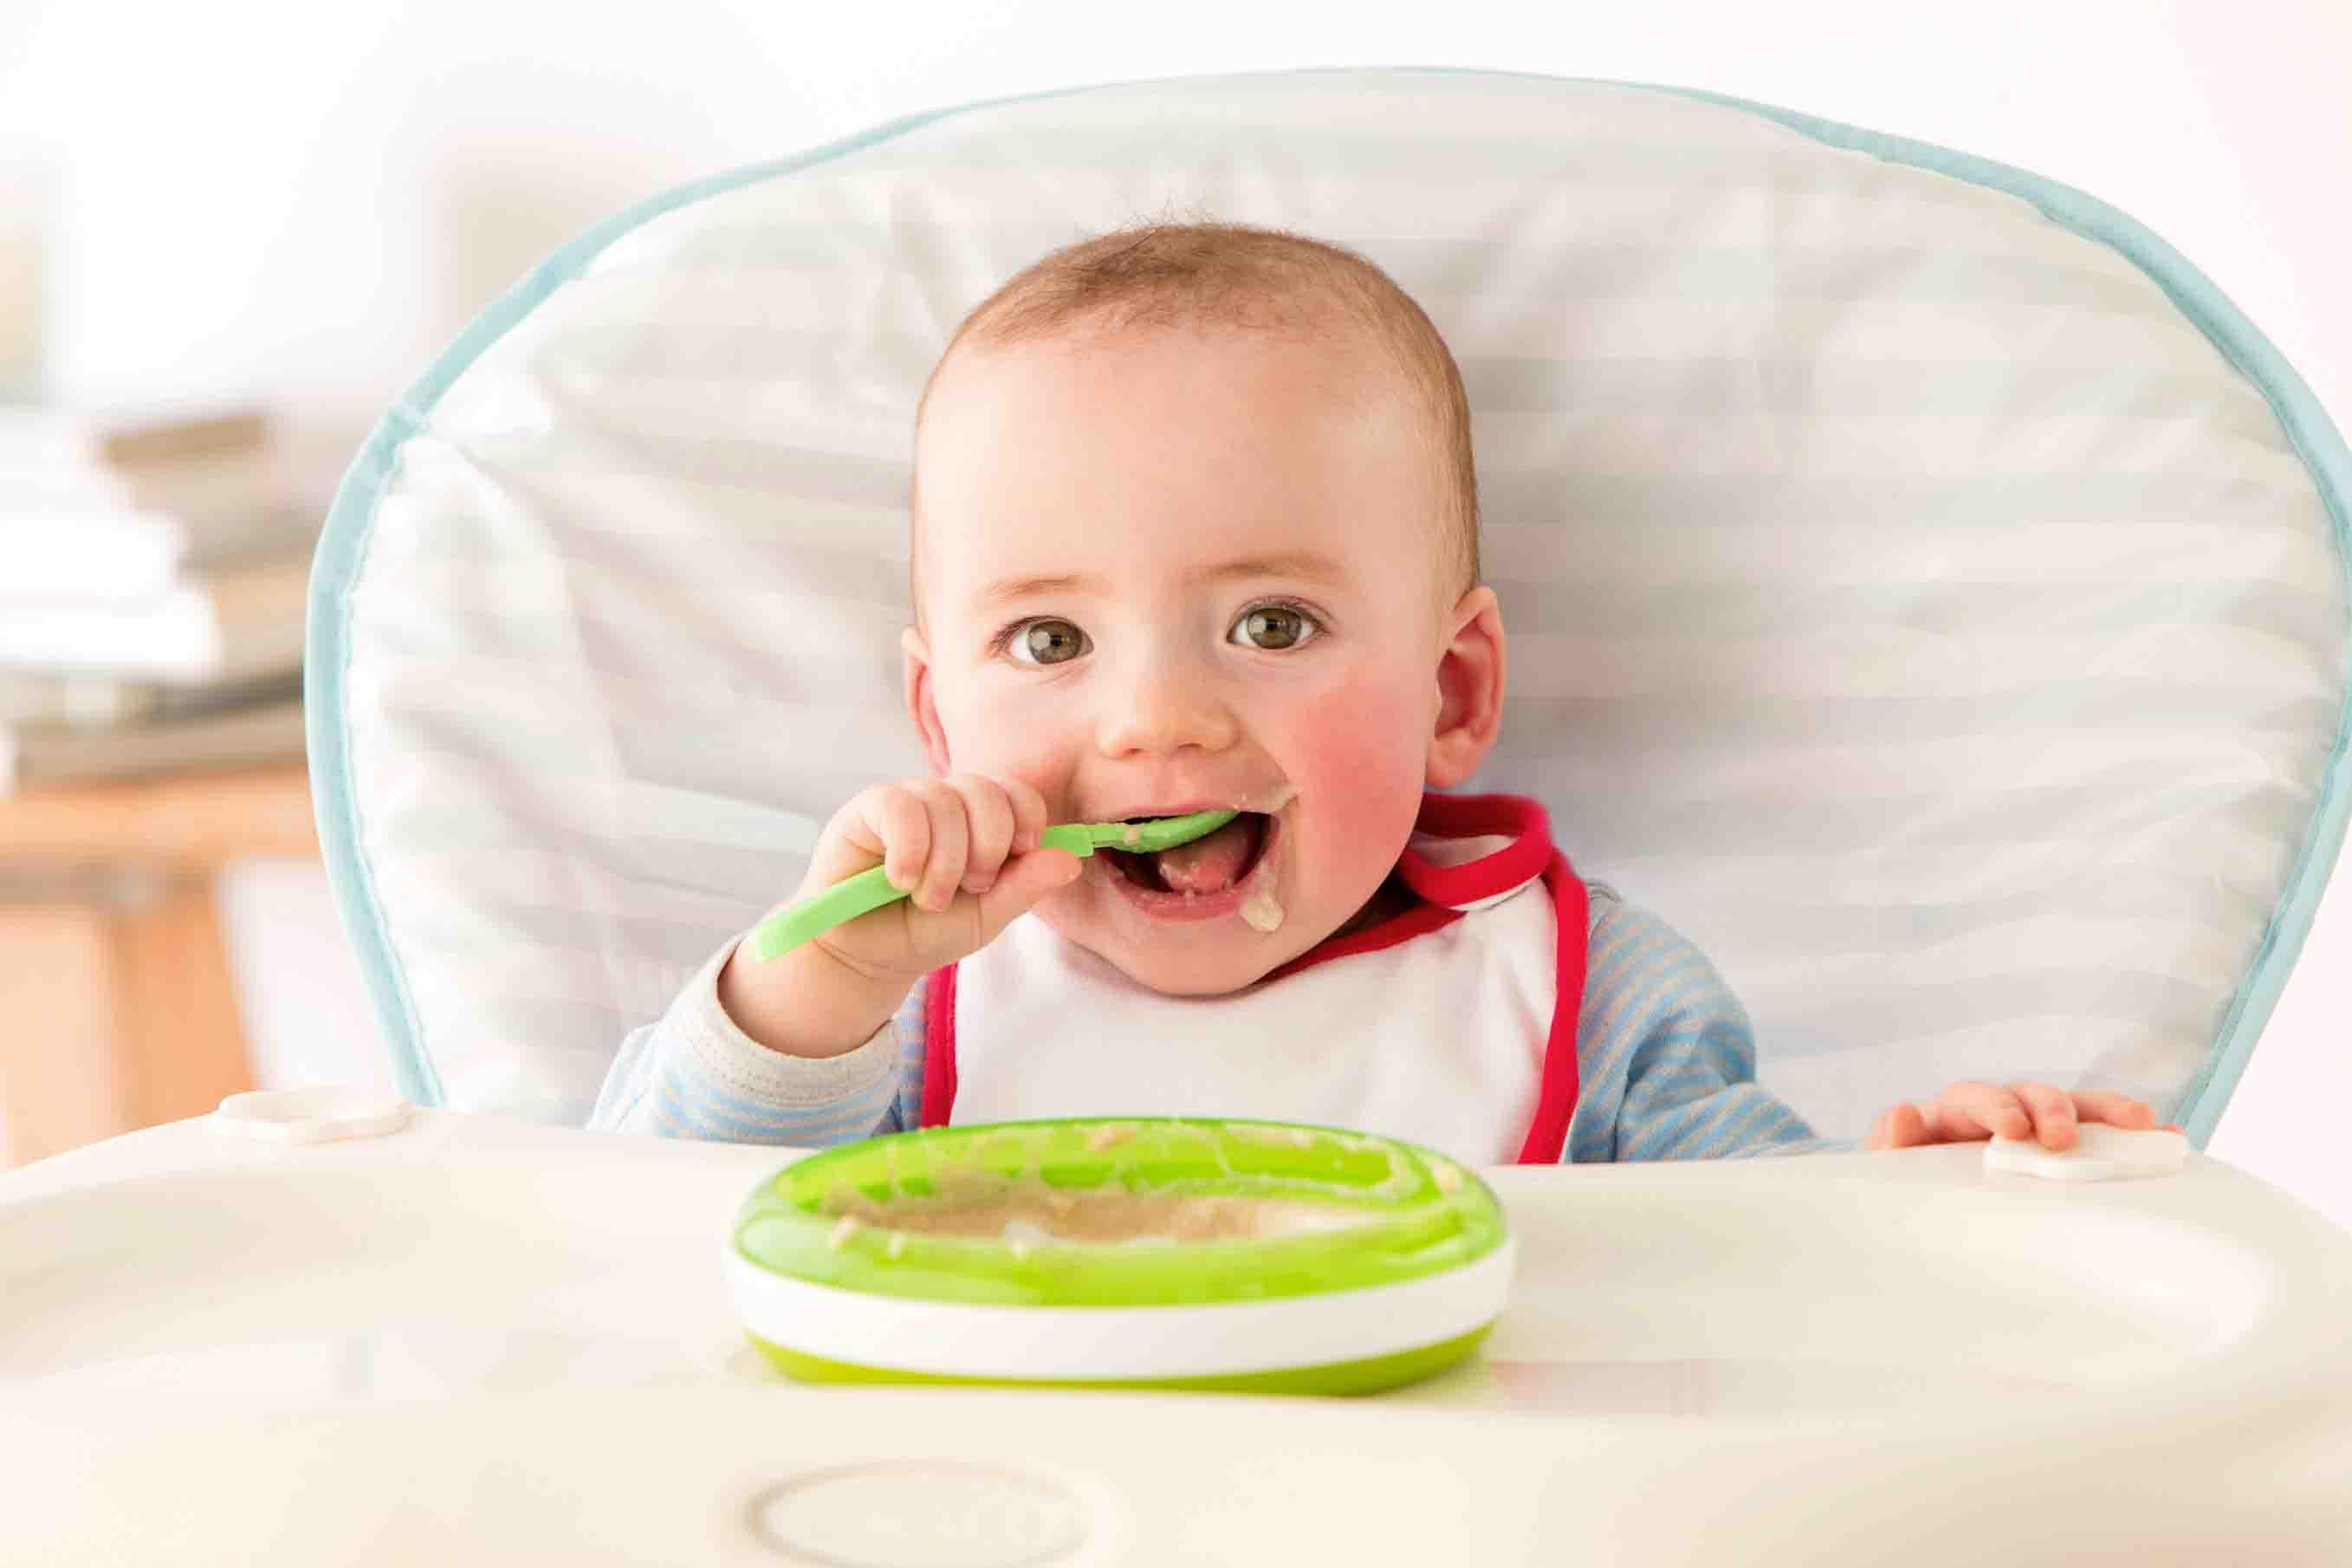 comida para bebé de 6 meses